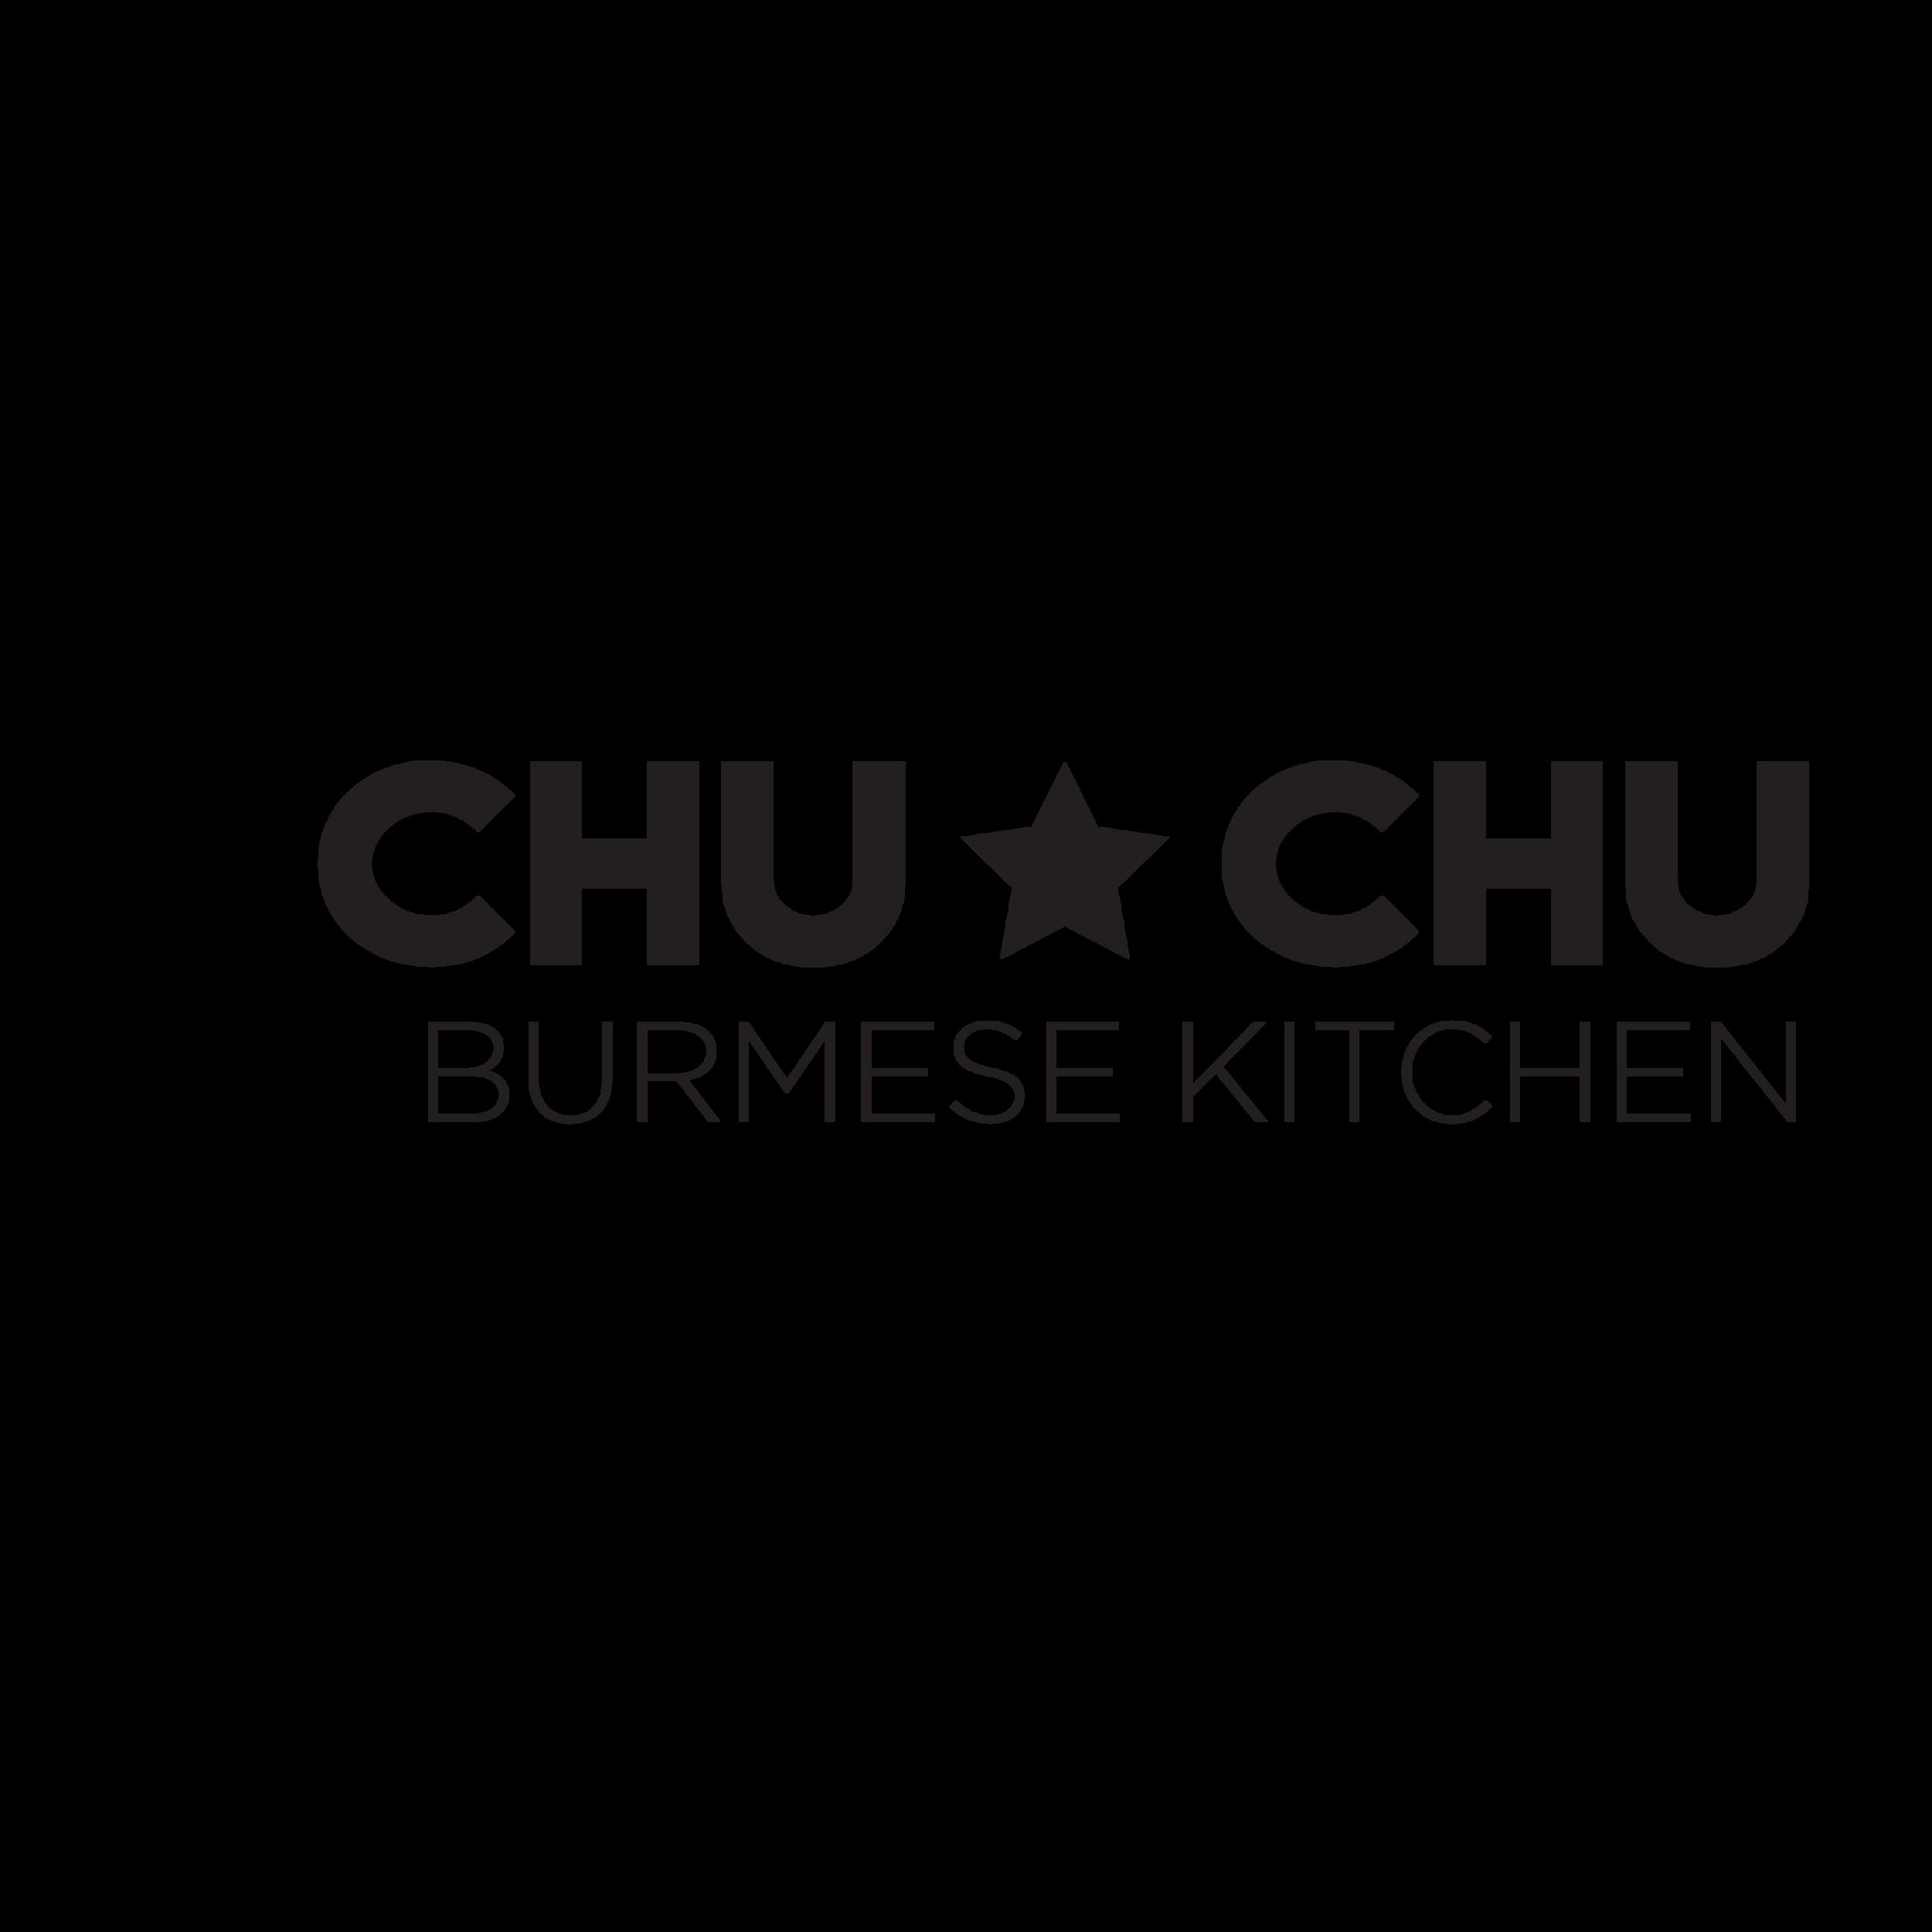 chcuchu (1).png